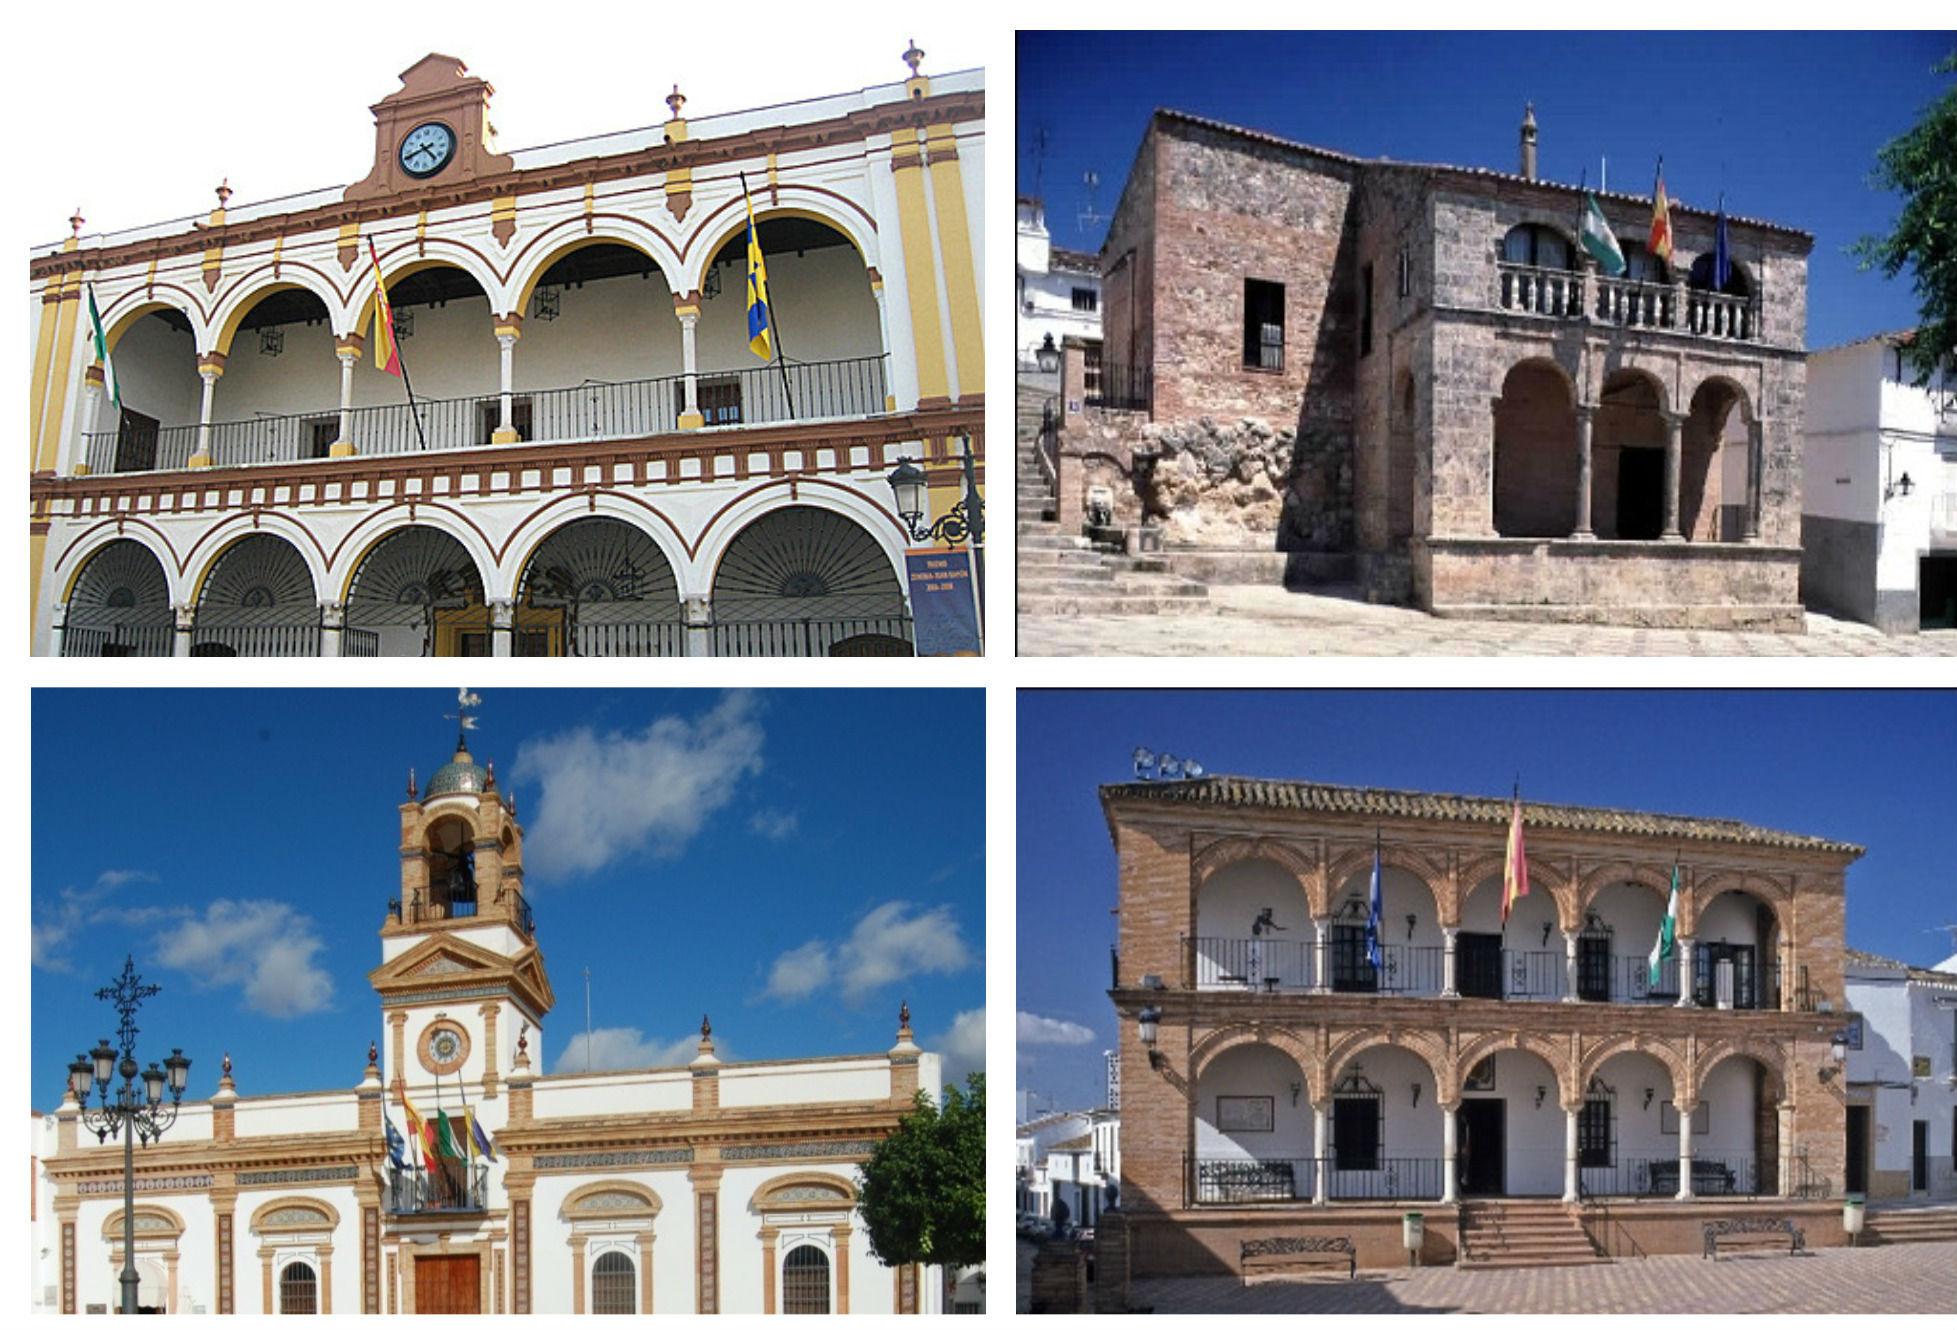 Decálogo de los diez ayuntamientos más singulares de la provincia de Huelva